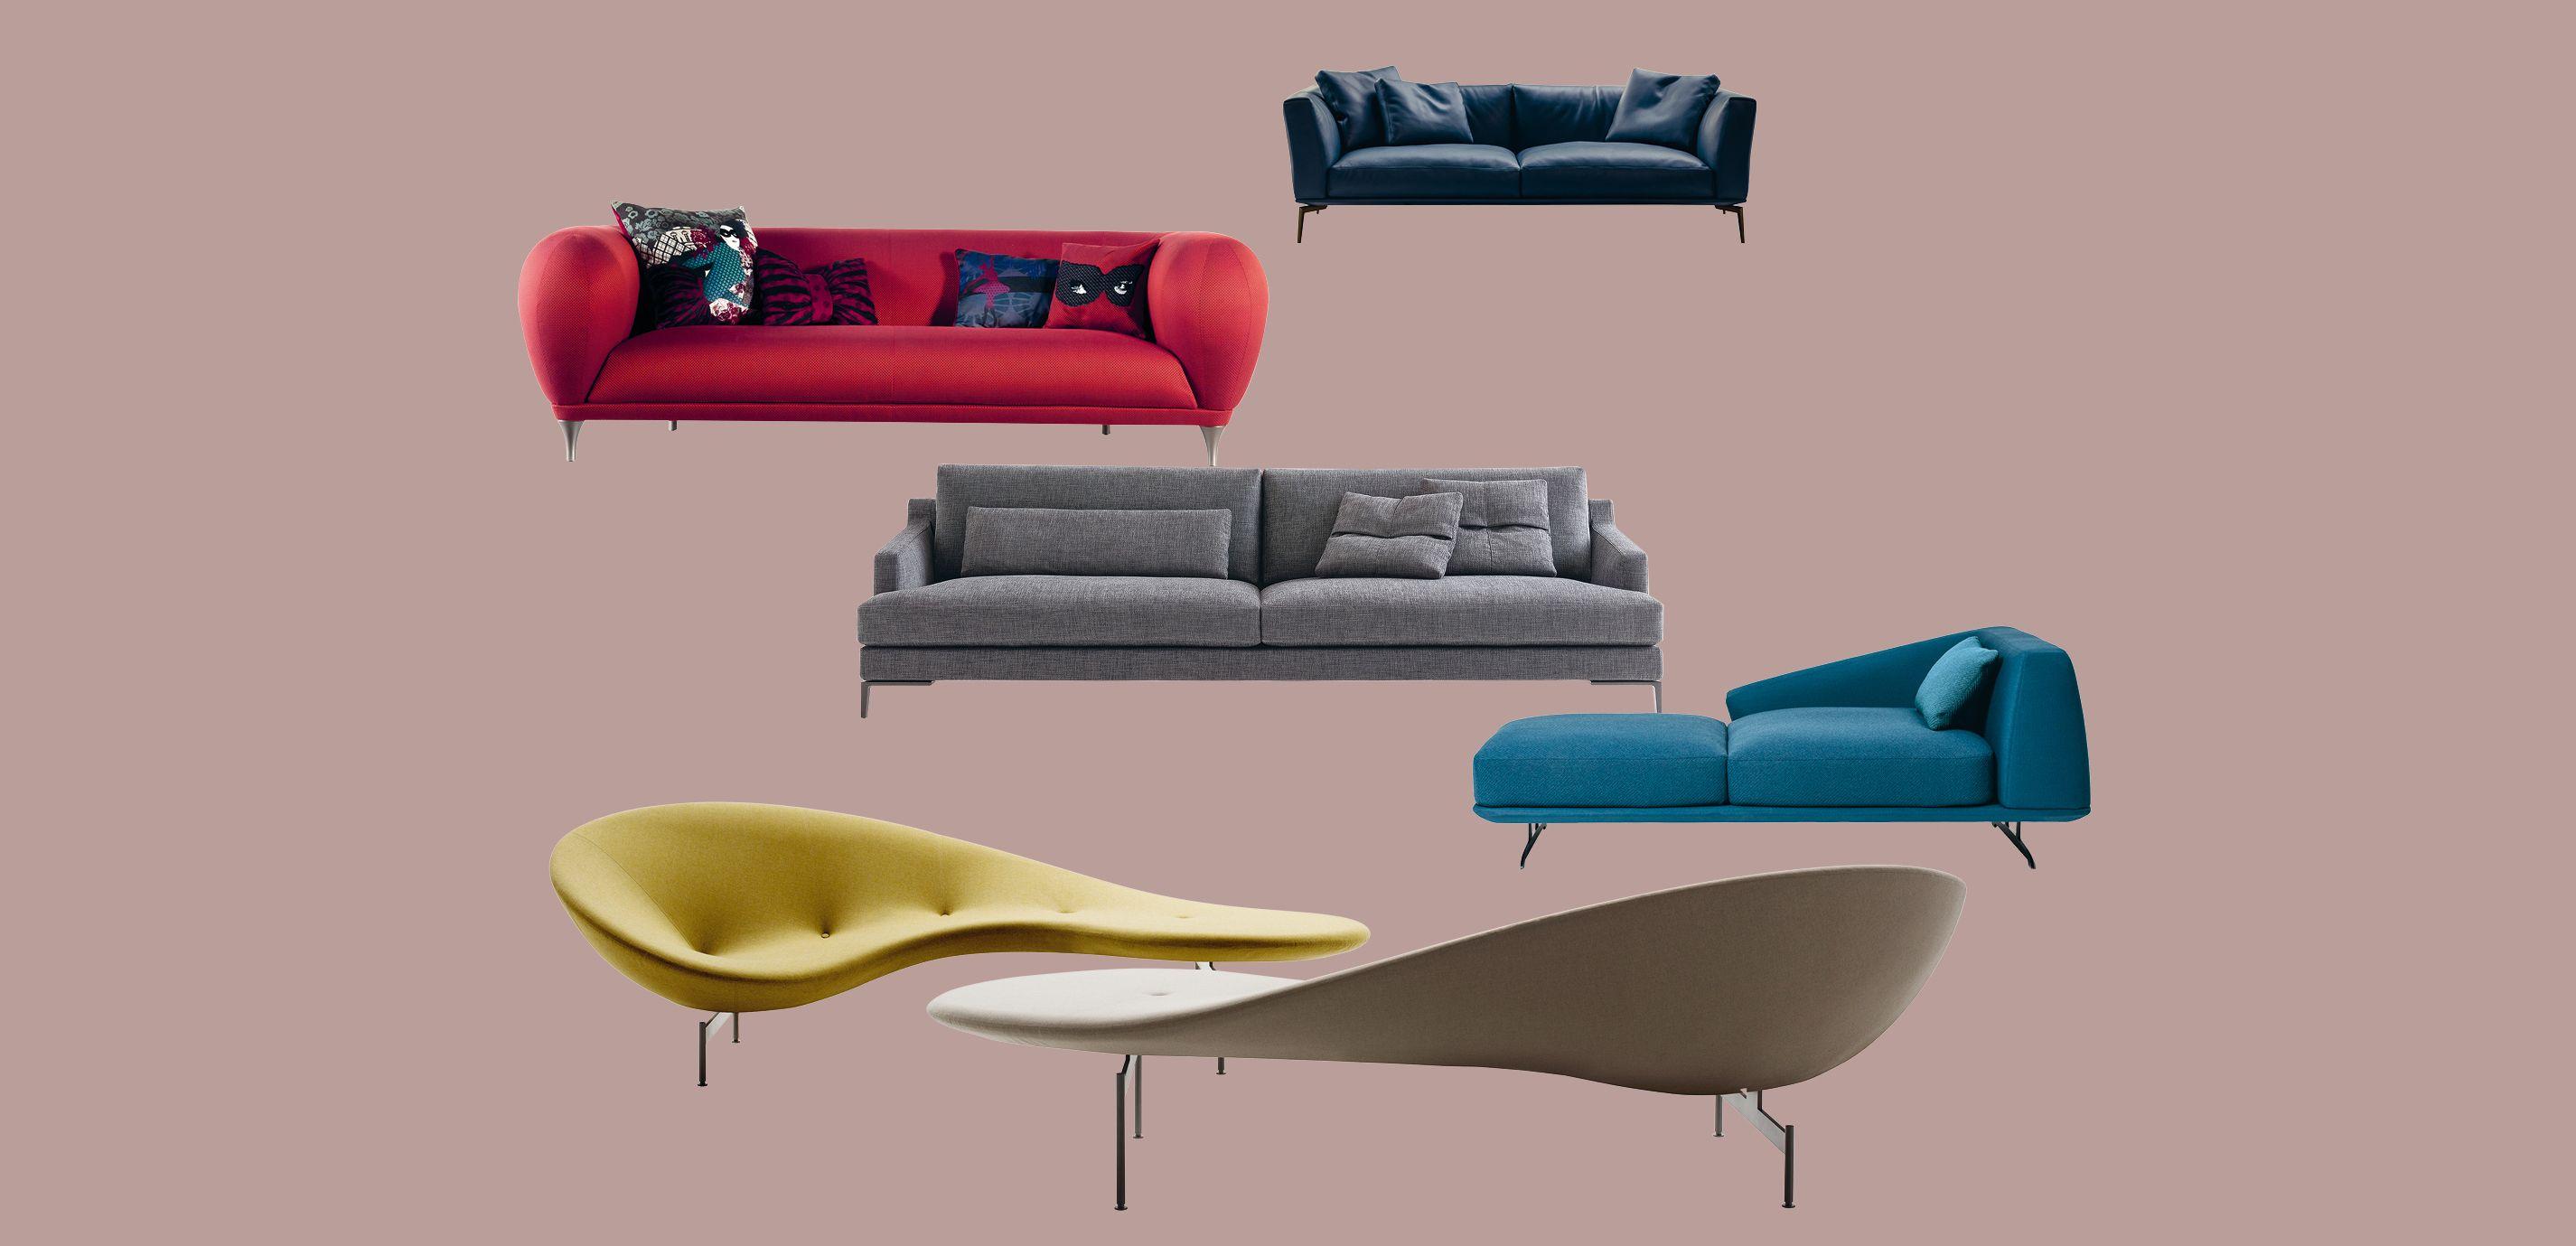 Divani Contemporanei 25 Modelli Di Design Che Apprezzerai